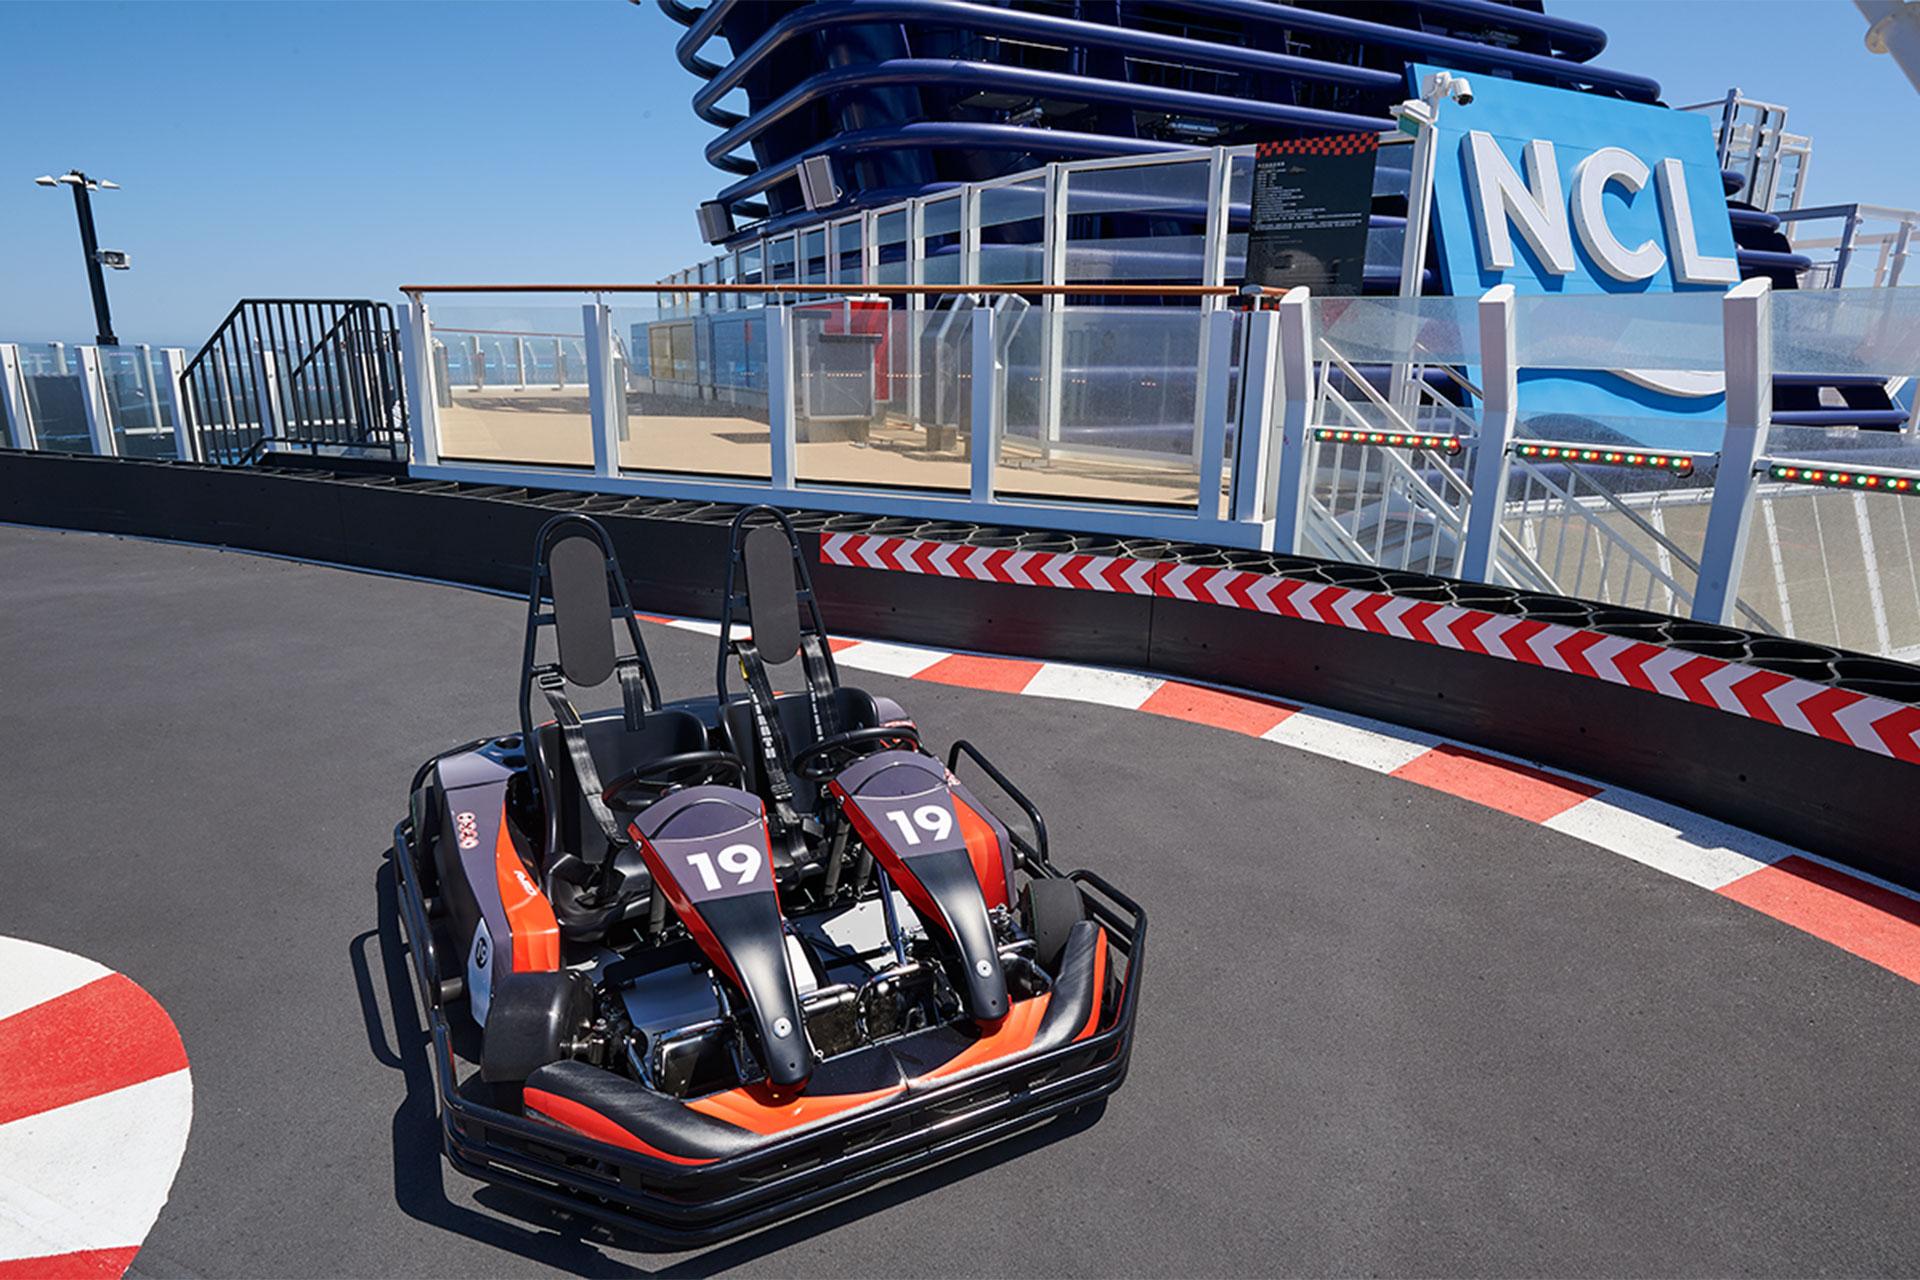 Go Karts on Norwegian Cruise Line Joy; Courtesy of Norwegian Cruise Line